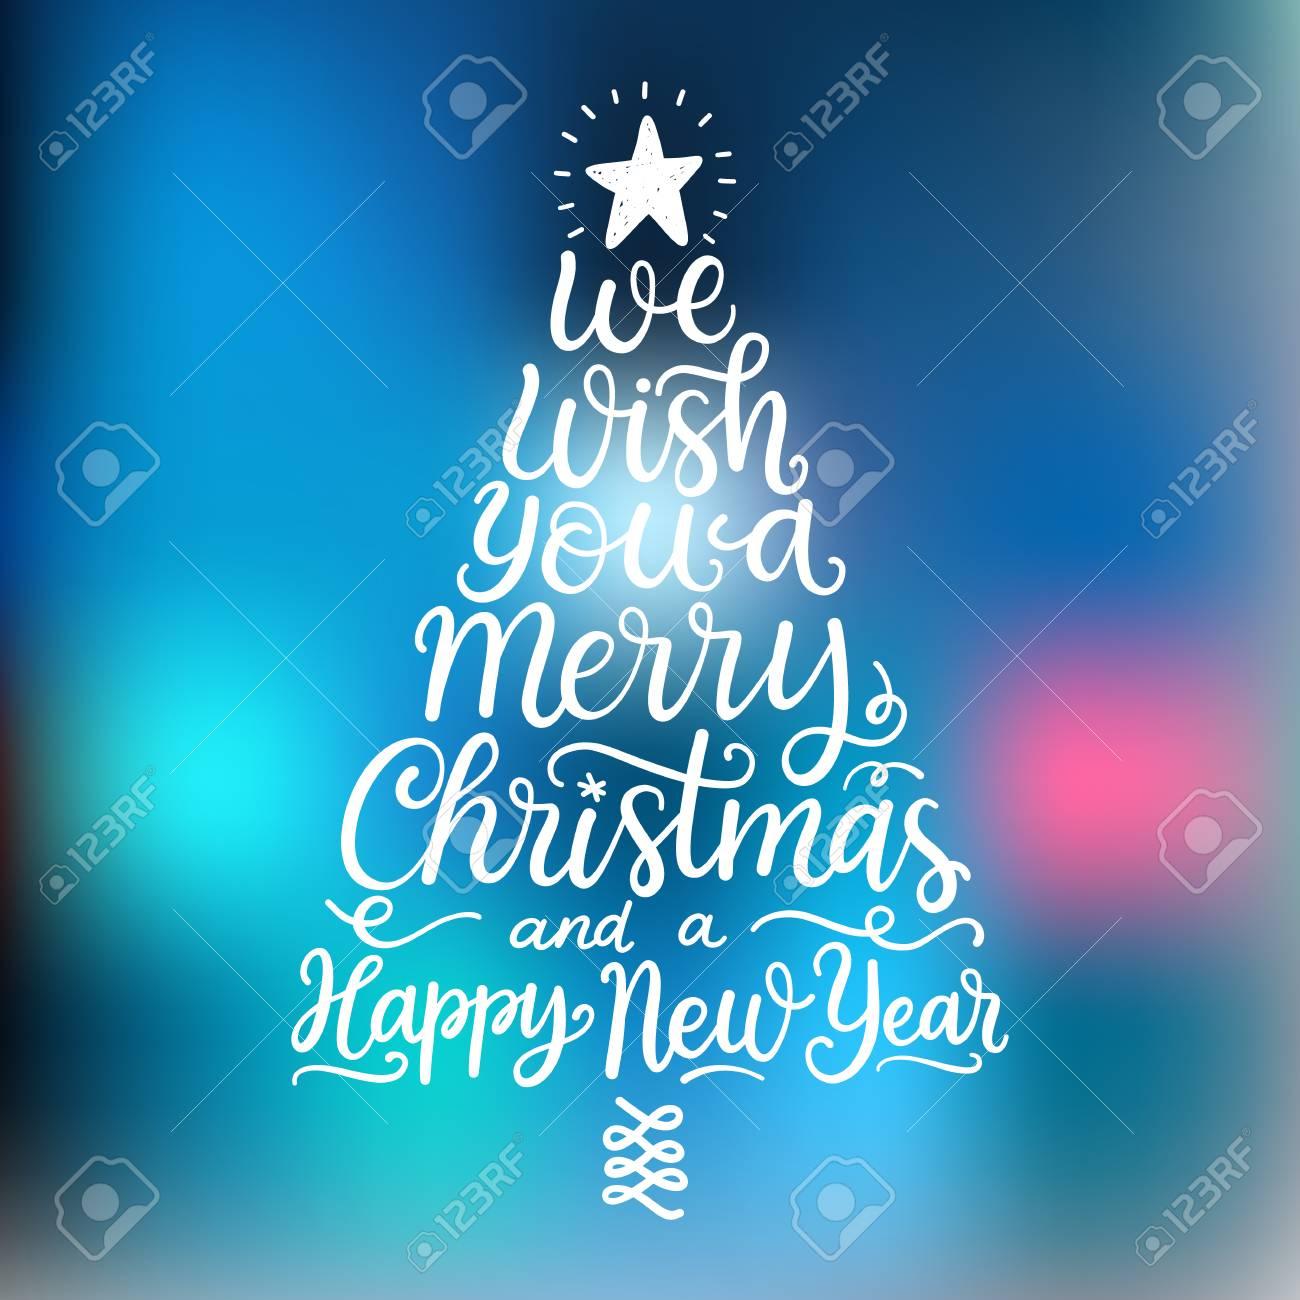 Wir Wünschen Ihnen Ein Frohes Weihnachtsfest Und Einen Guten Rutsch ...